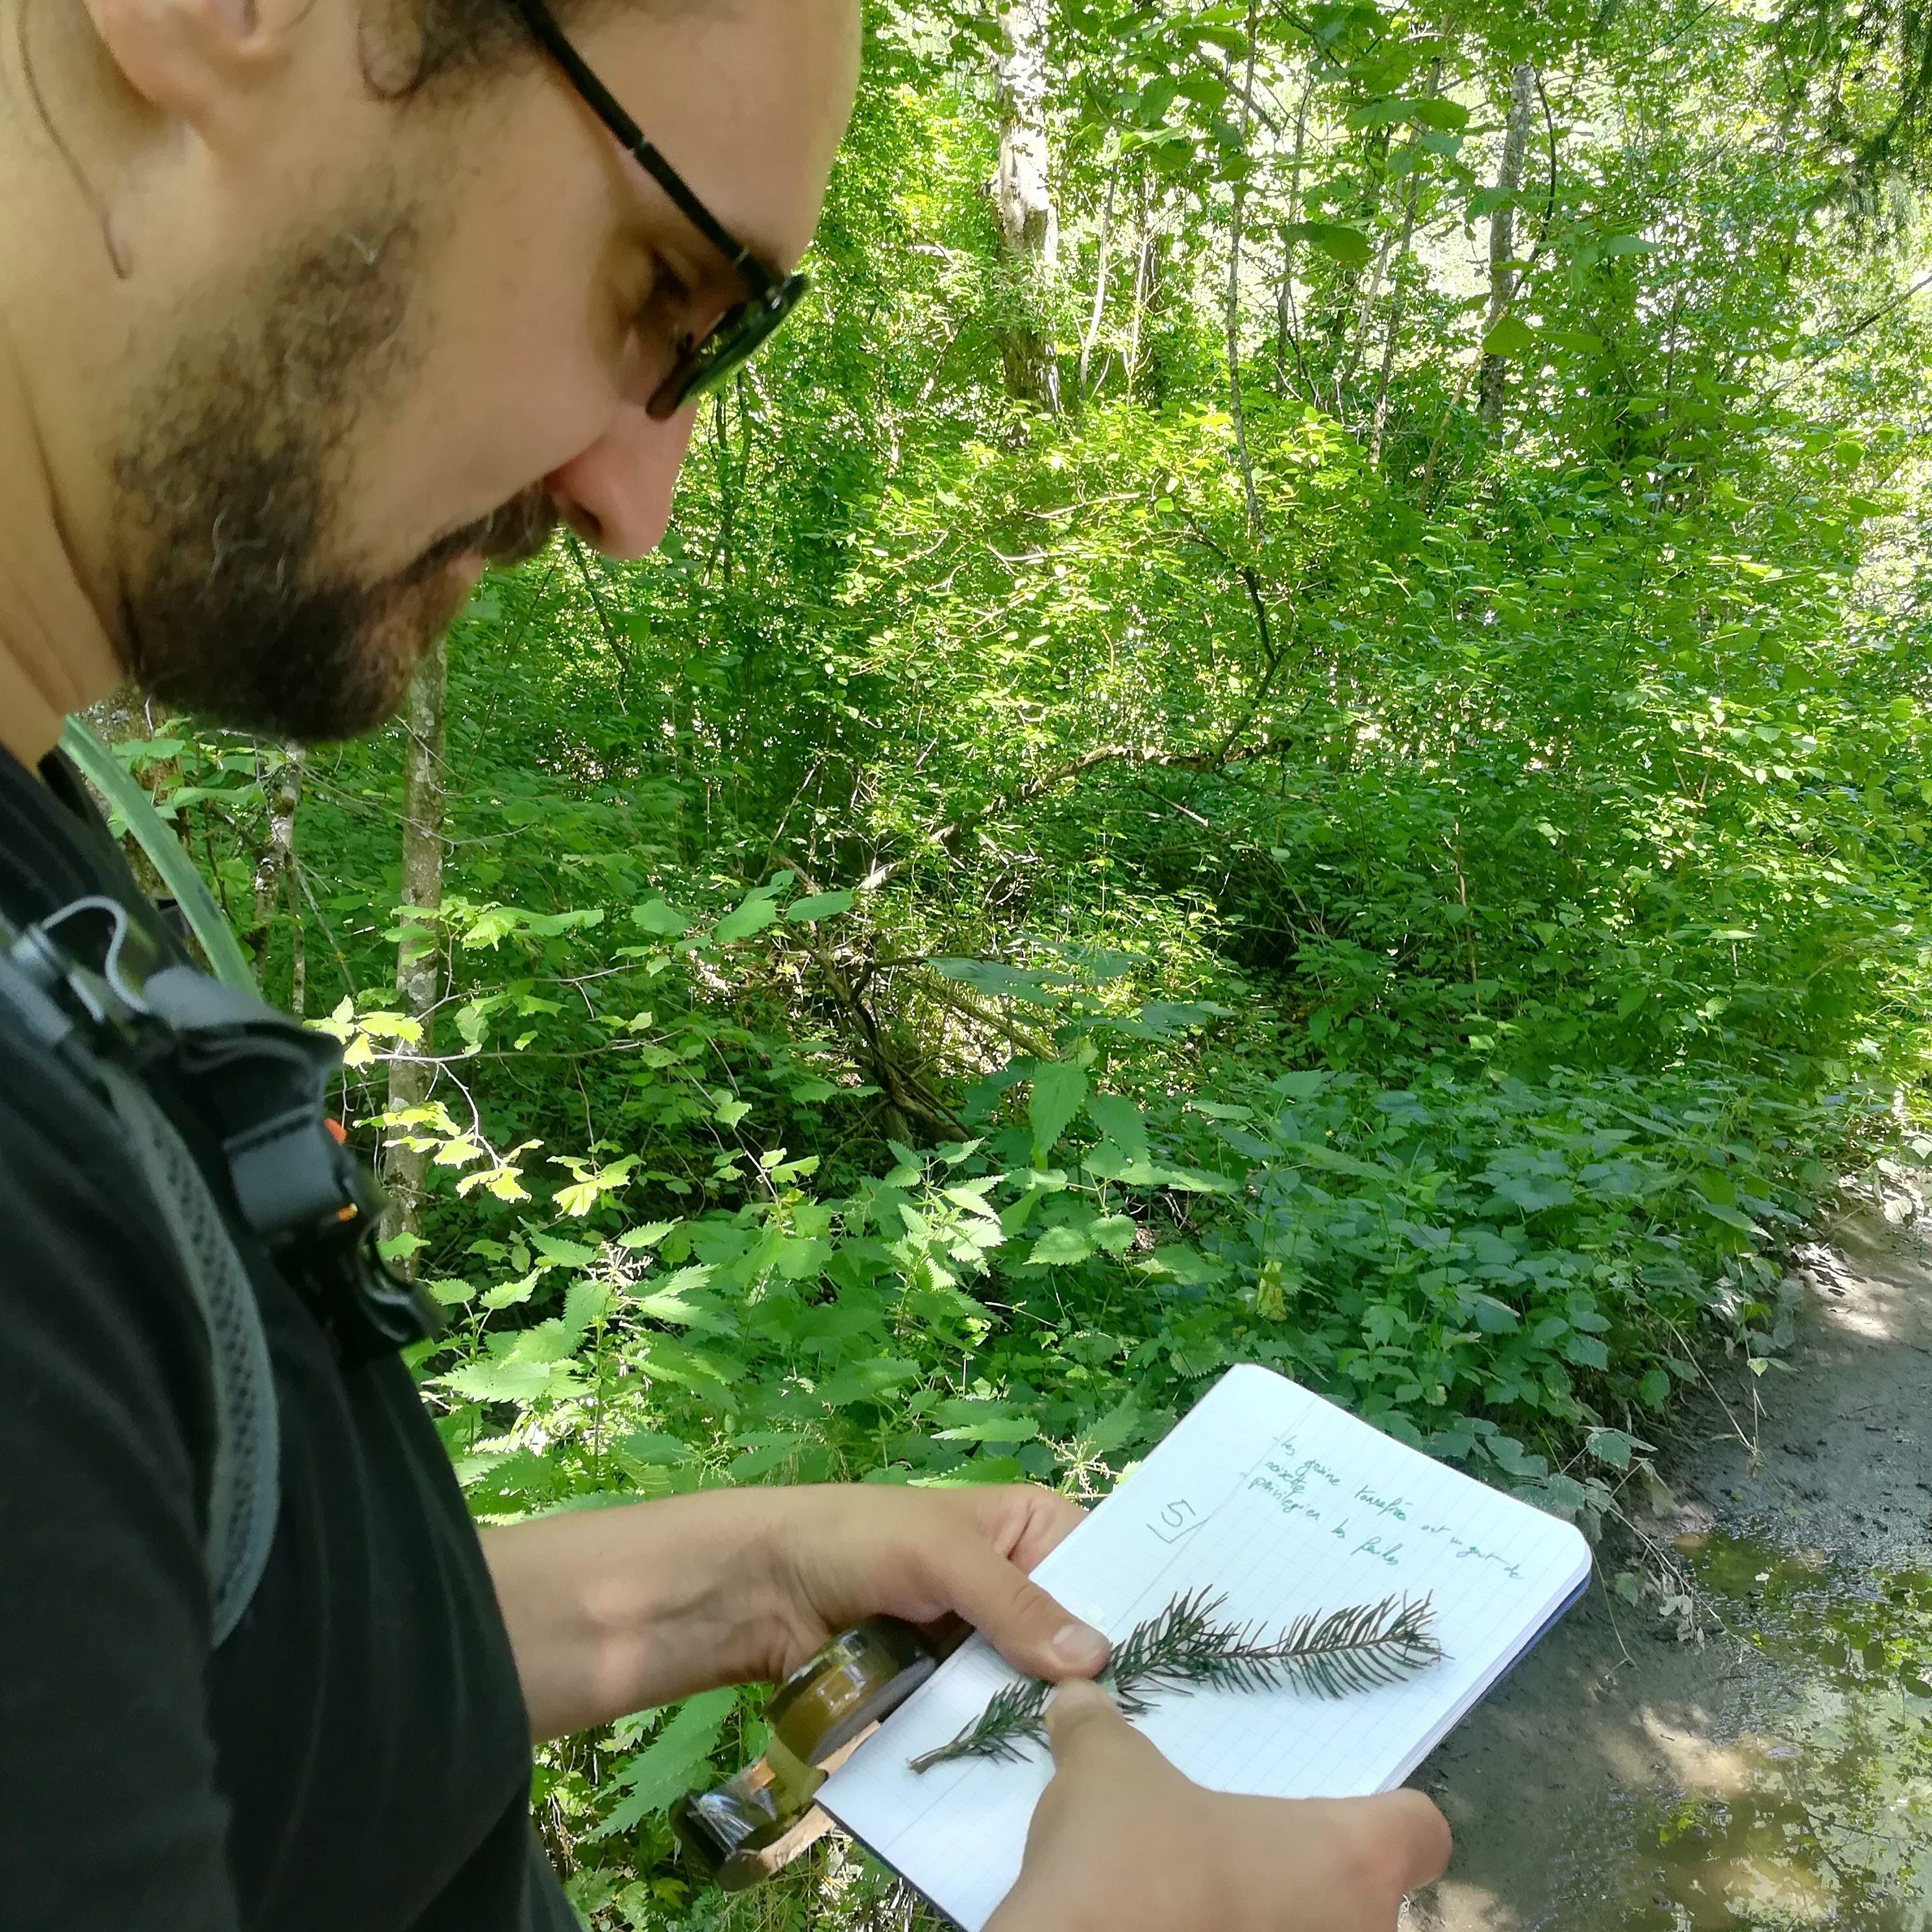 En stage, l'observation des plantes permet une identification précise